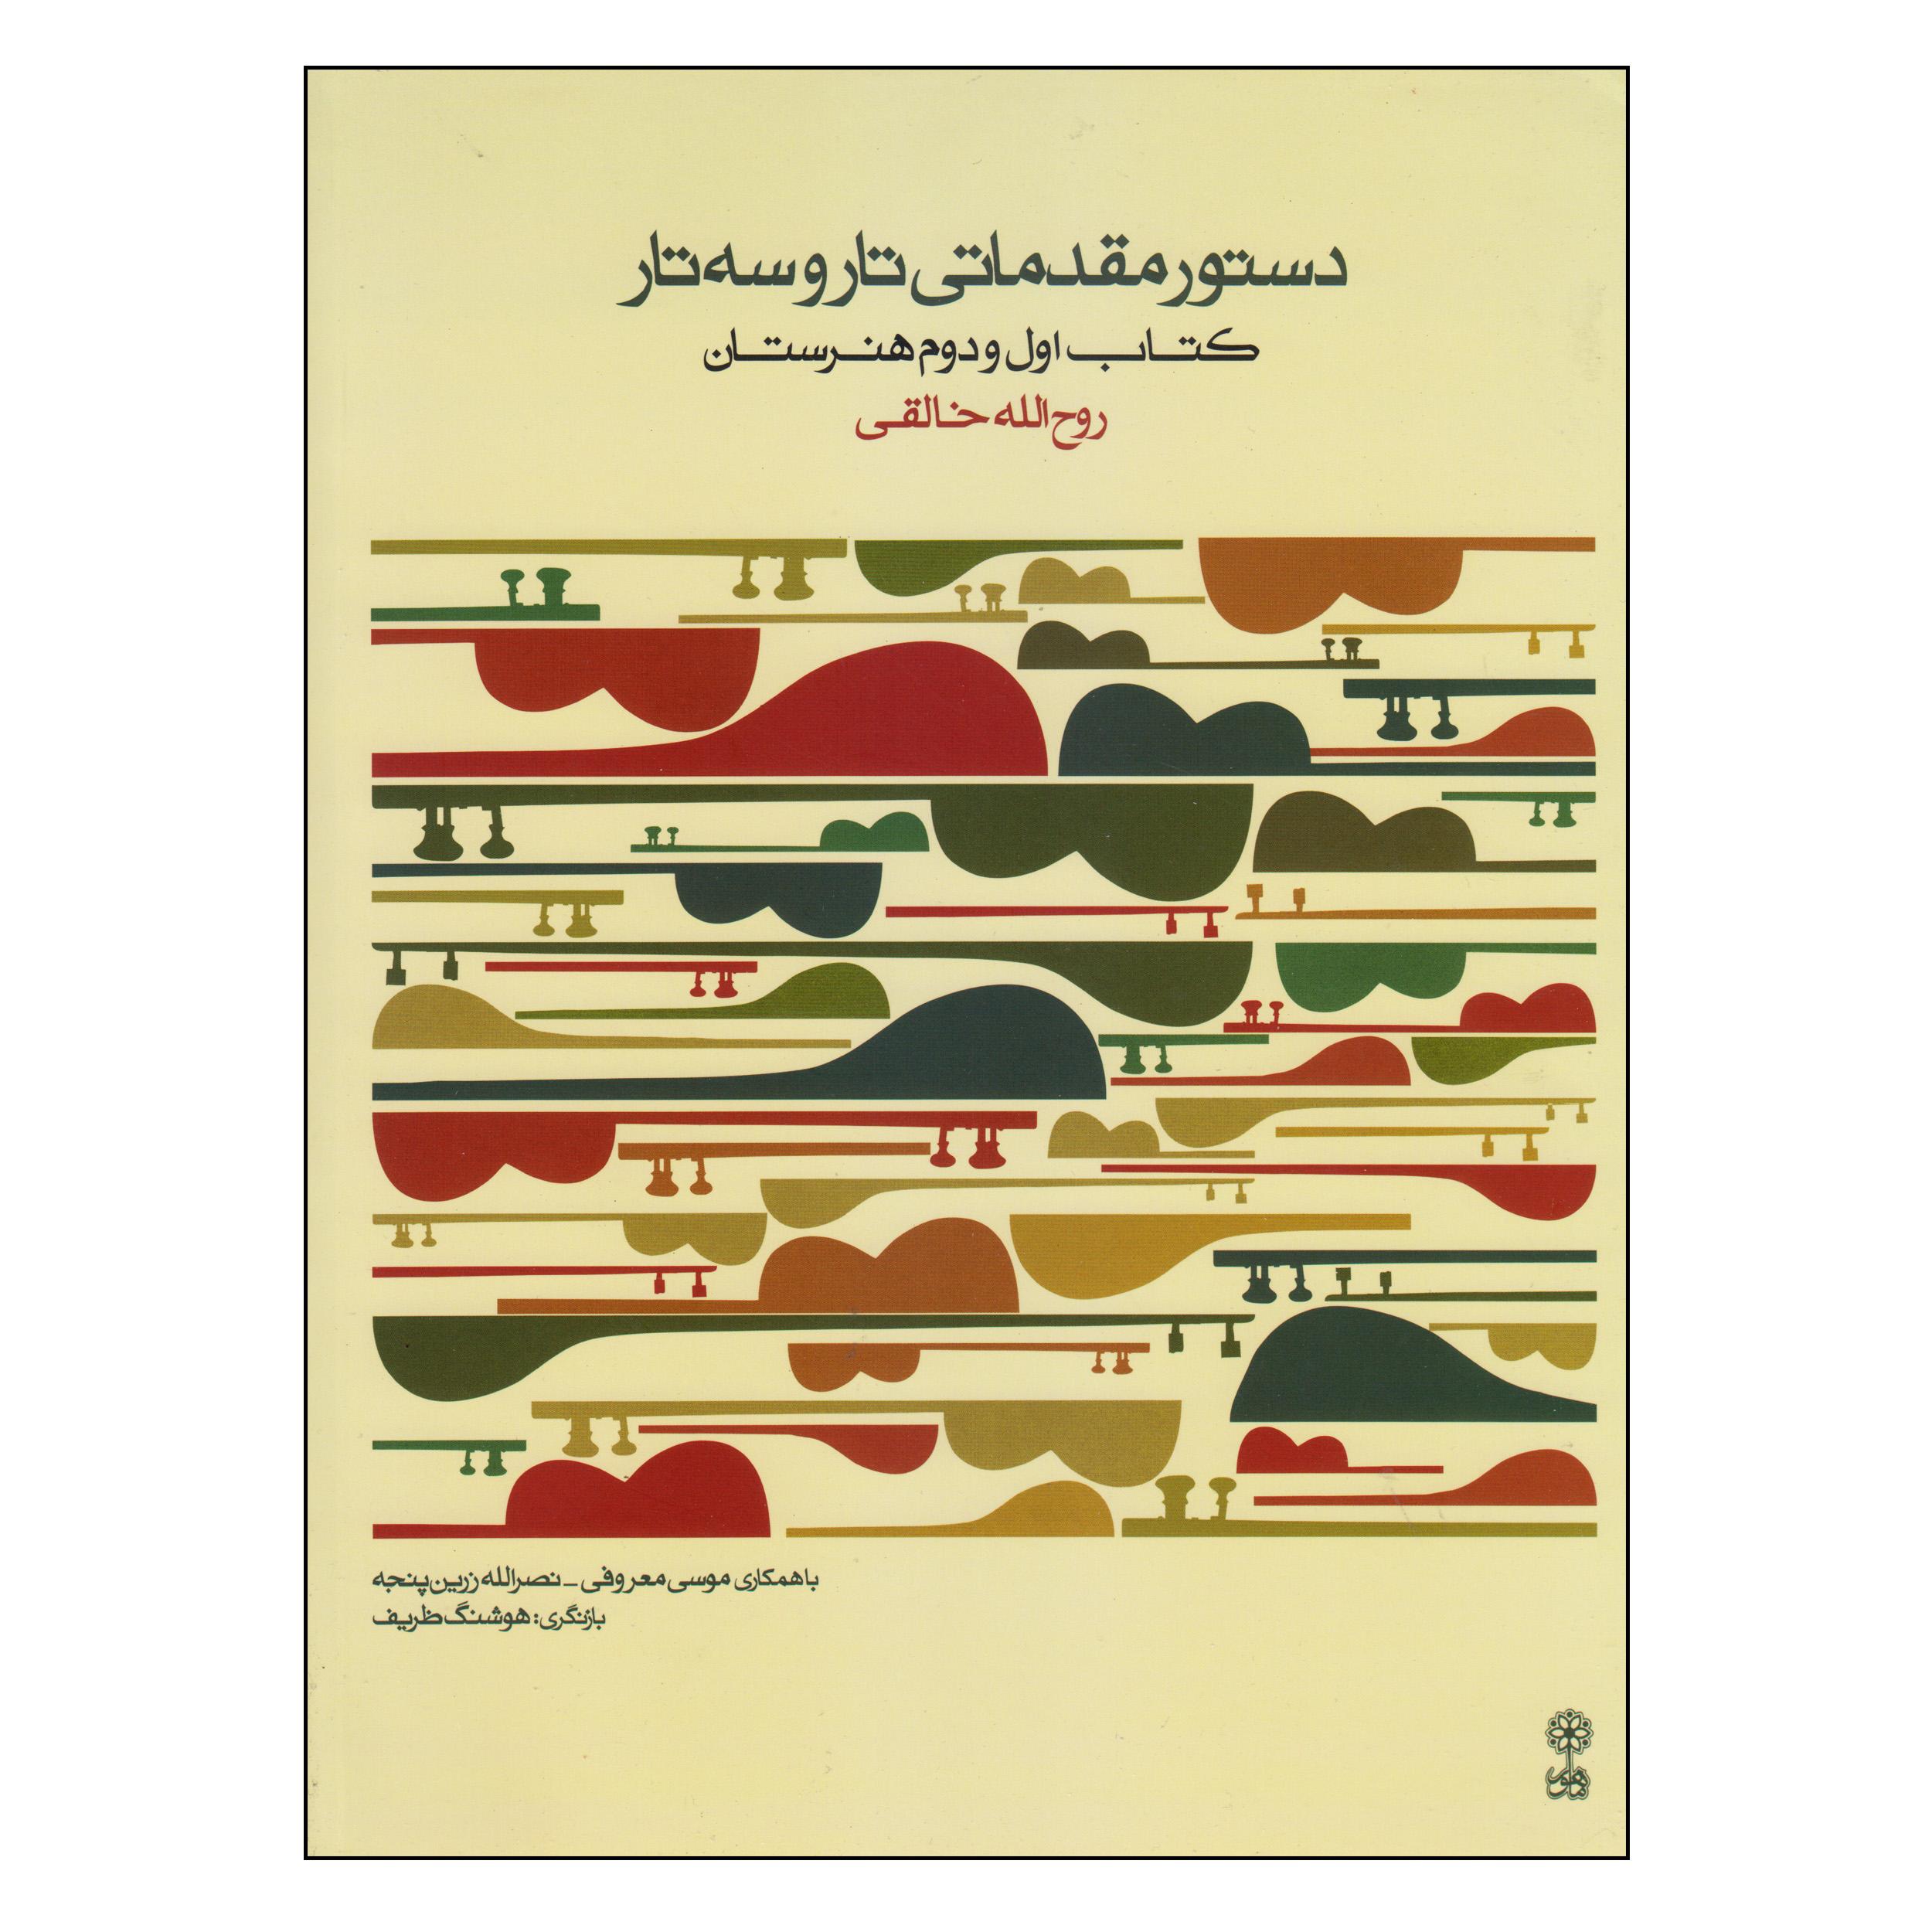 خرید                      کتاب دستور مقدماتی تار و سه تار اثر روح الله خالقی انتشارات ماهور